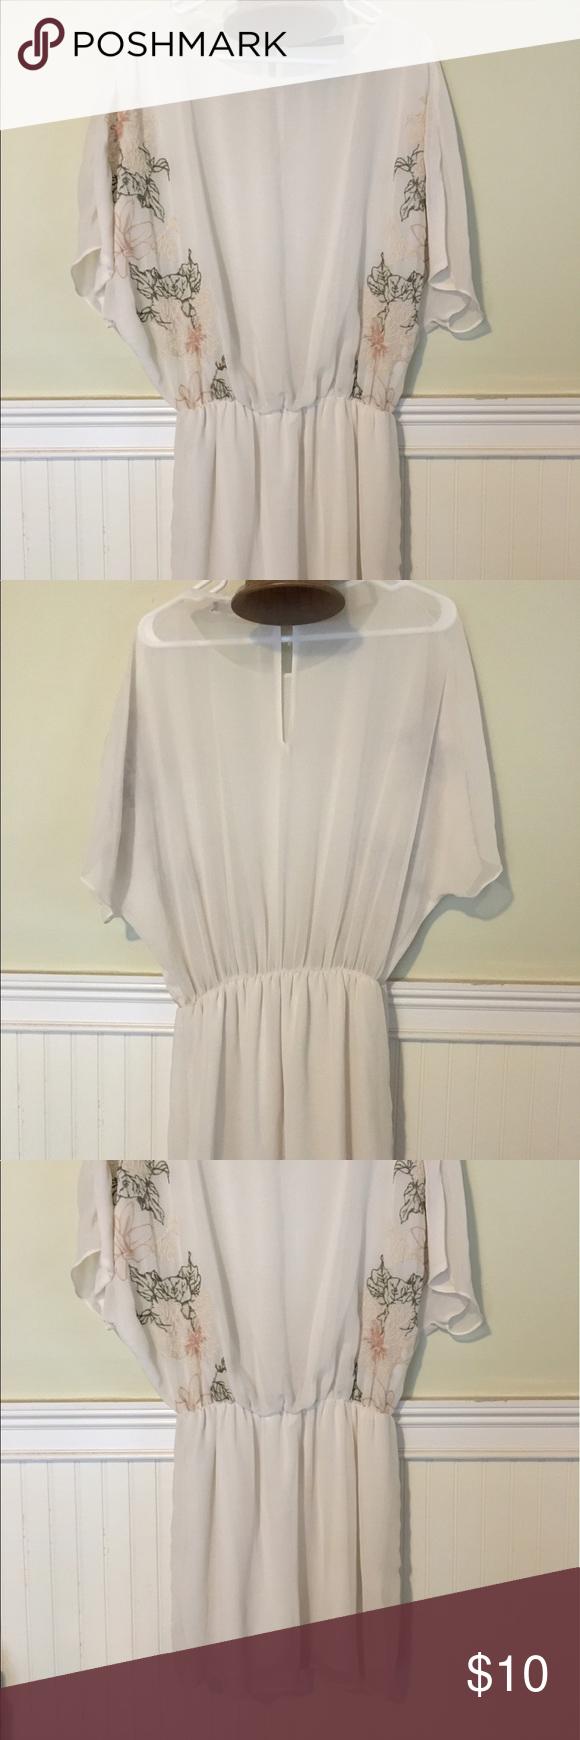 Zara Sheer White Dress With Flower Detail